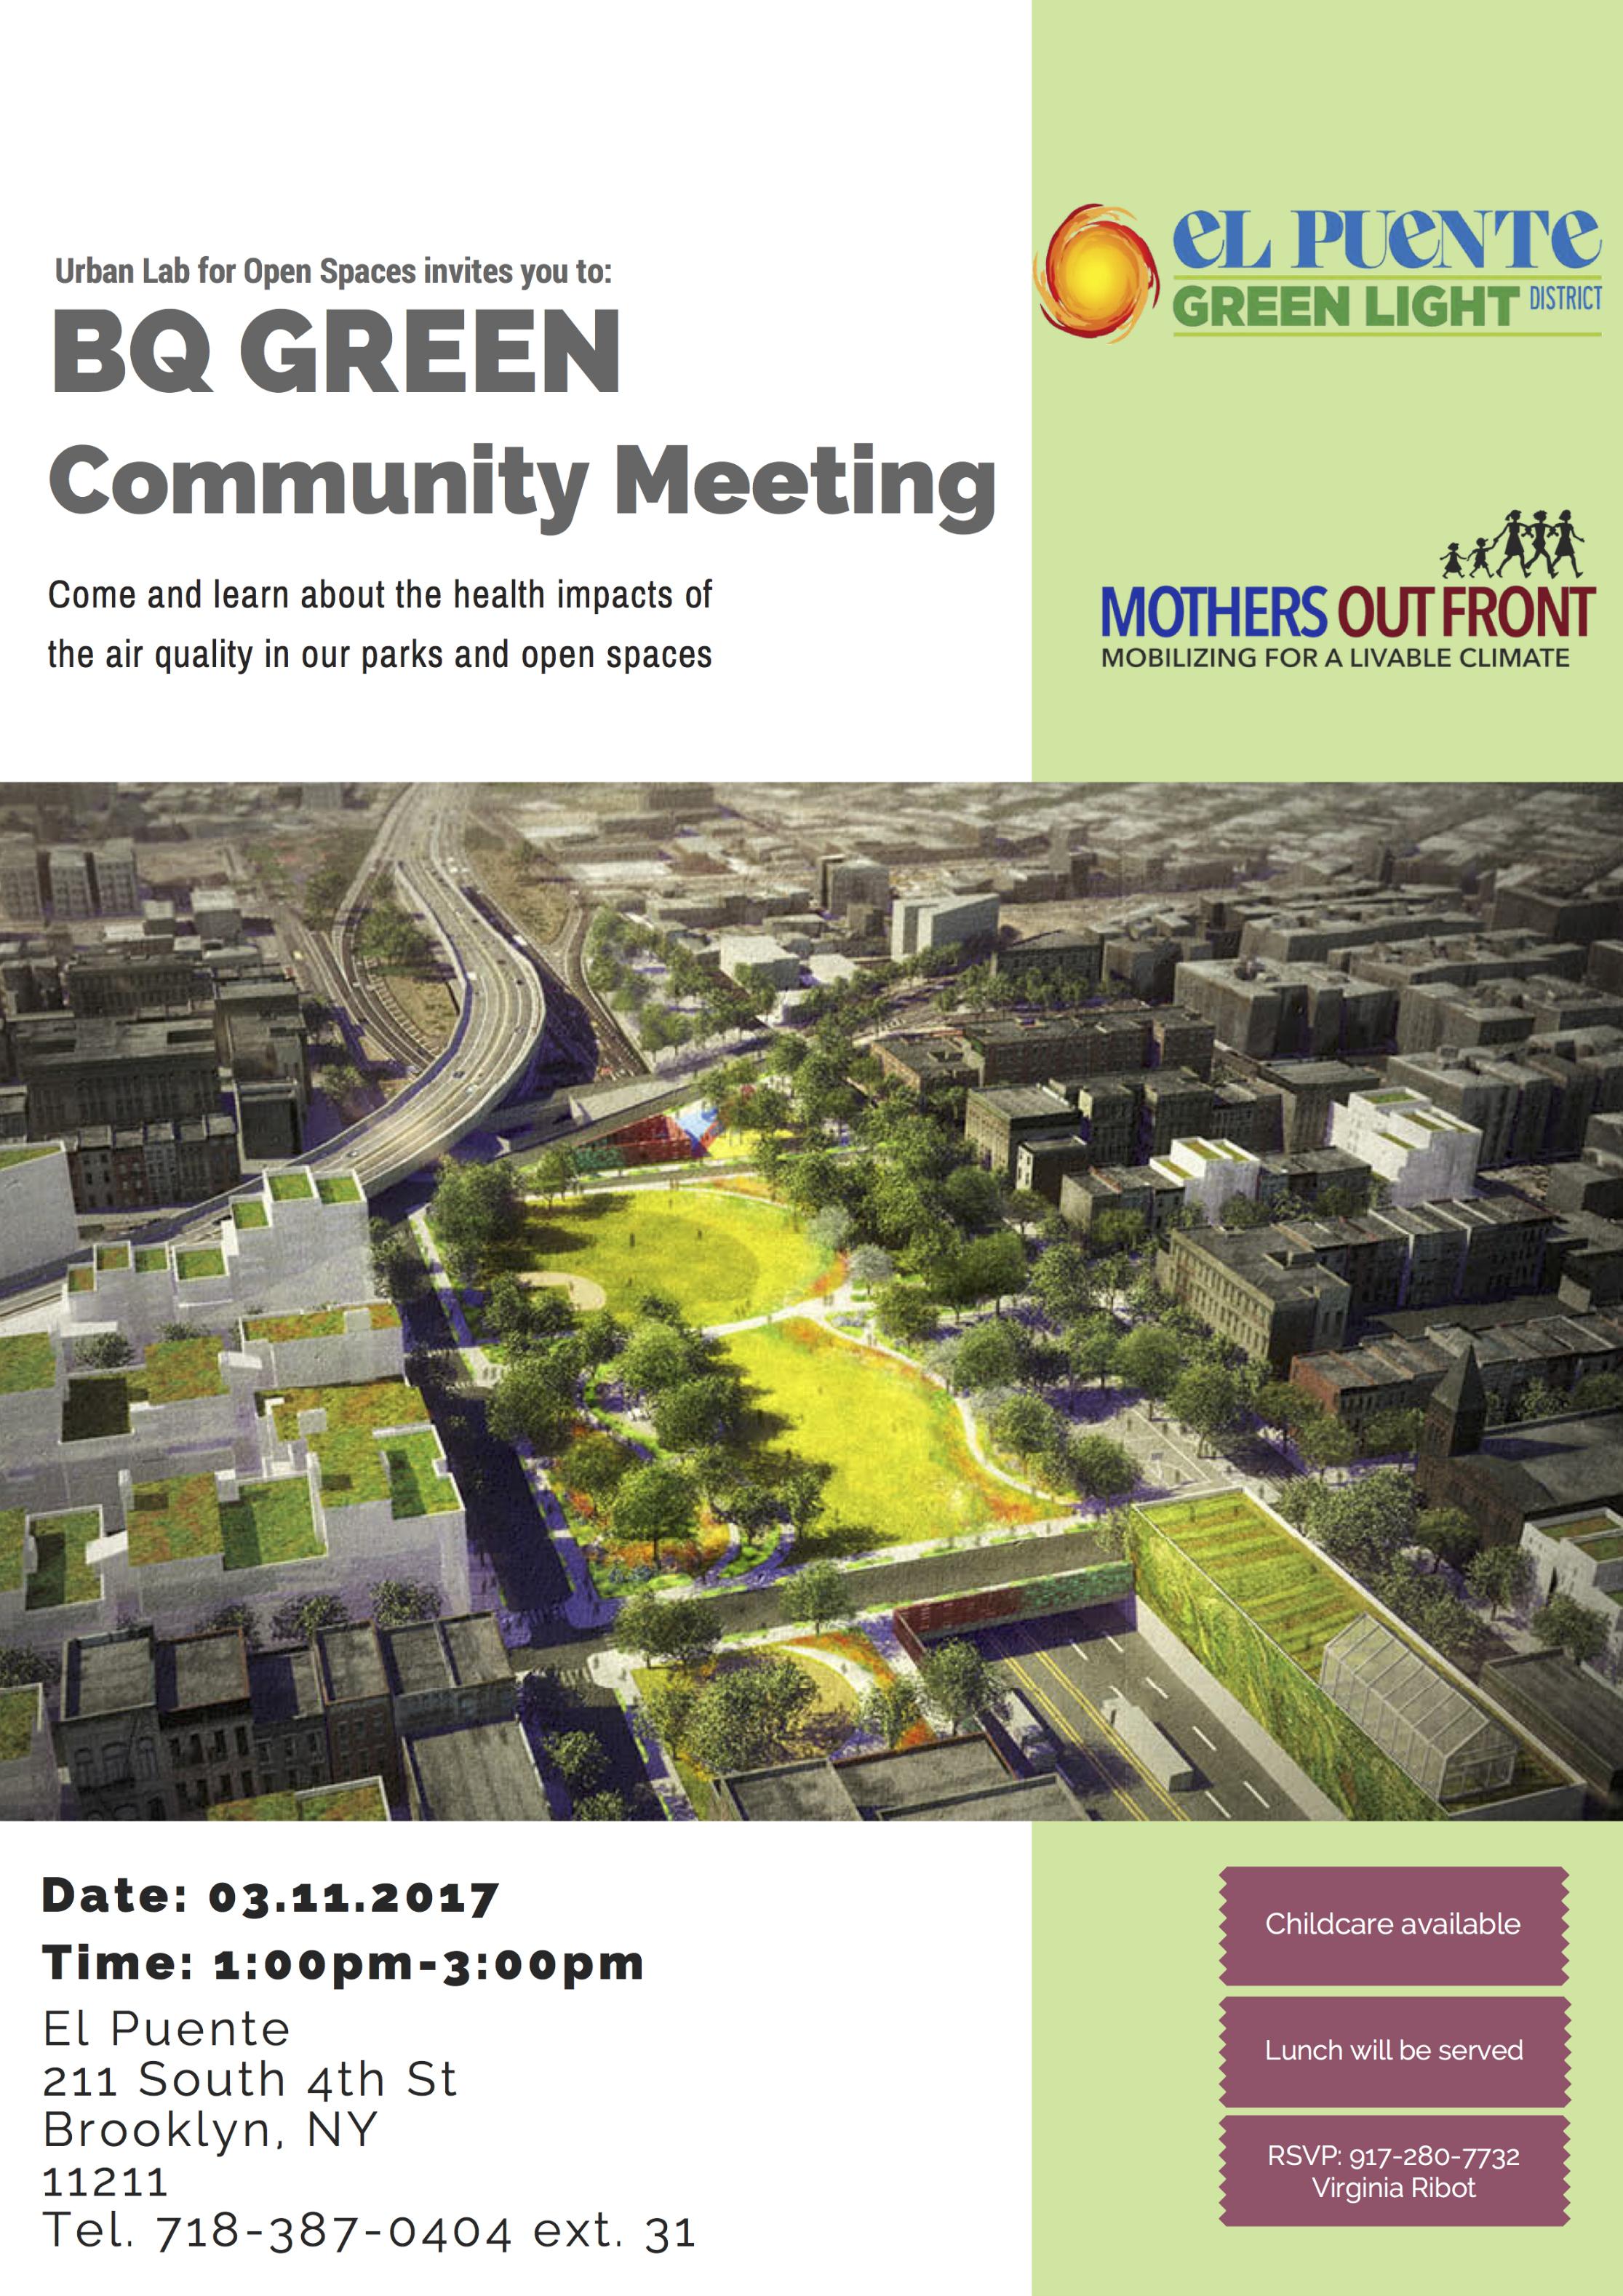 bq_green_community_meeting_(2_-_S)_C2.jpg